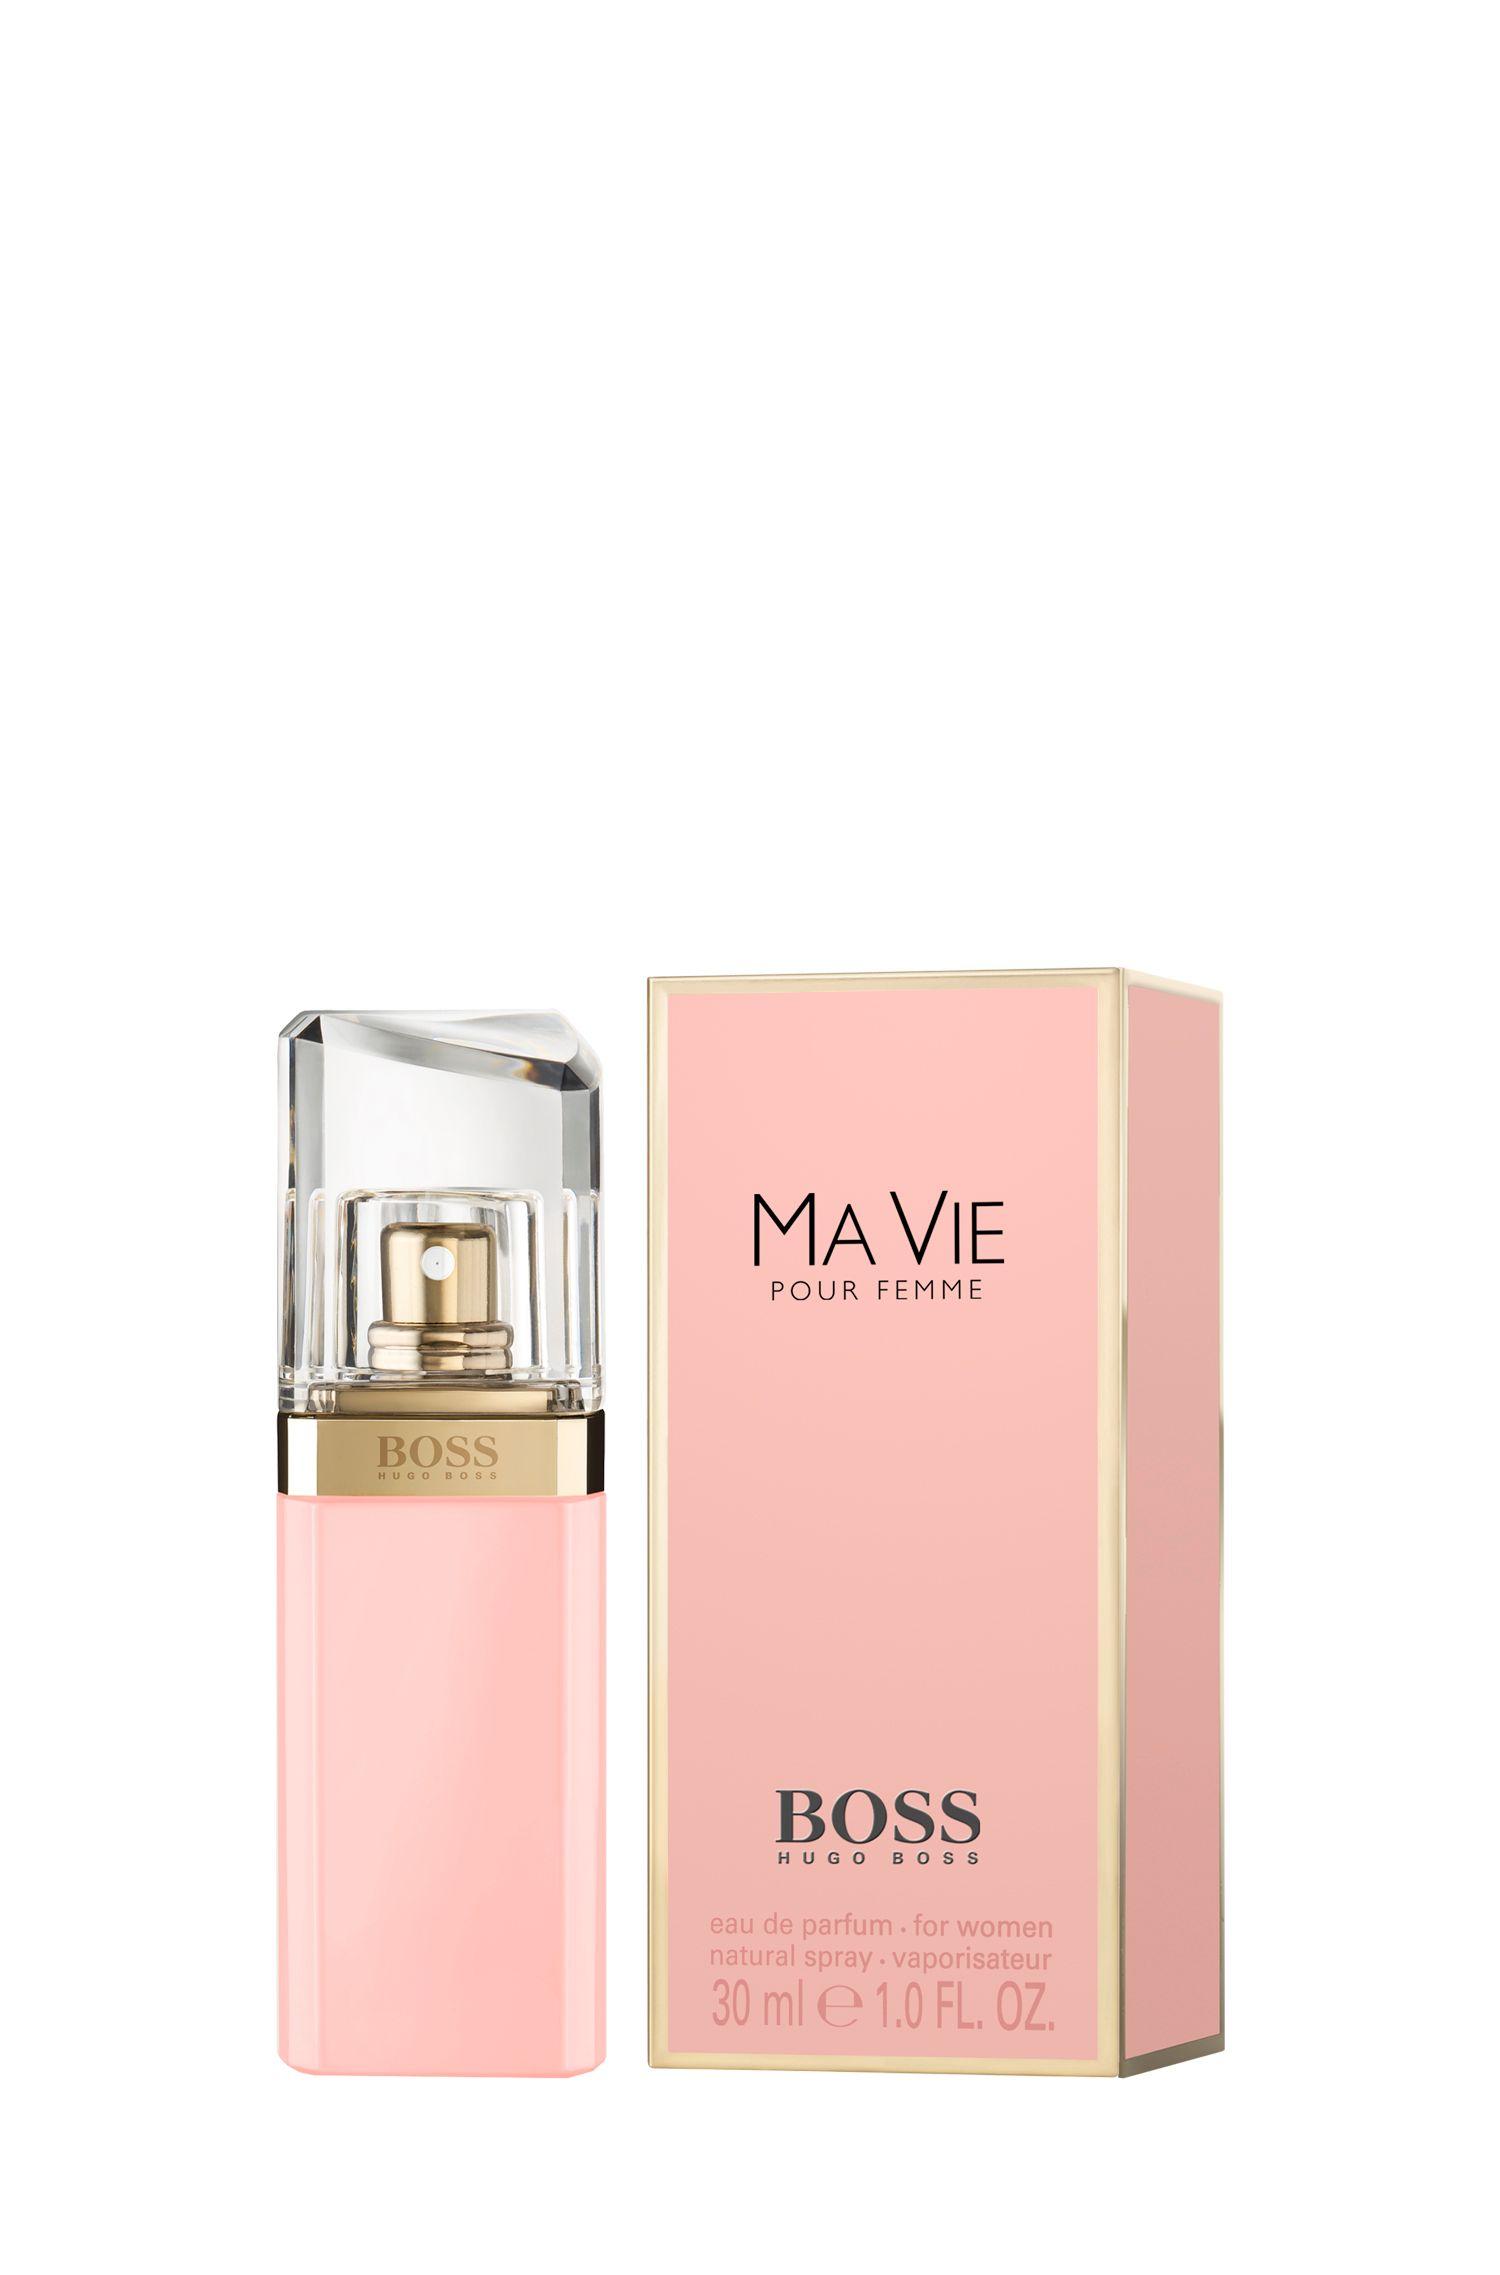 BOSS Ma Vie Pour Femme Eau de Parfum 30ml